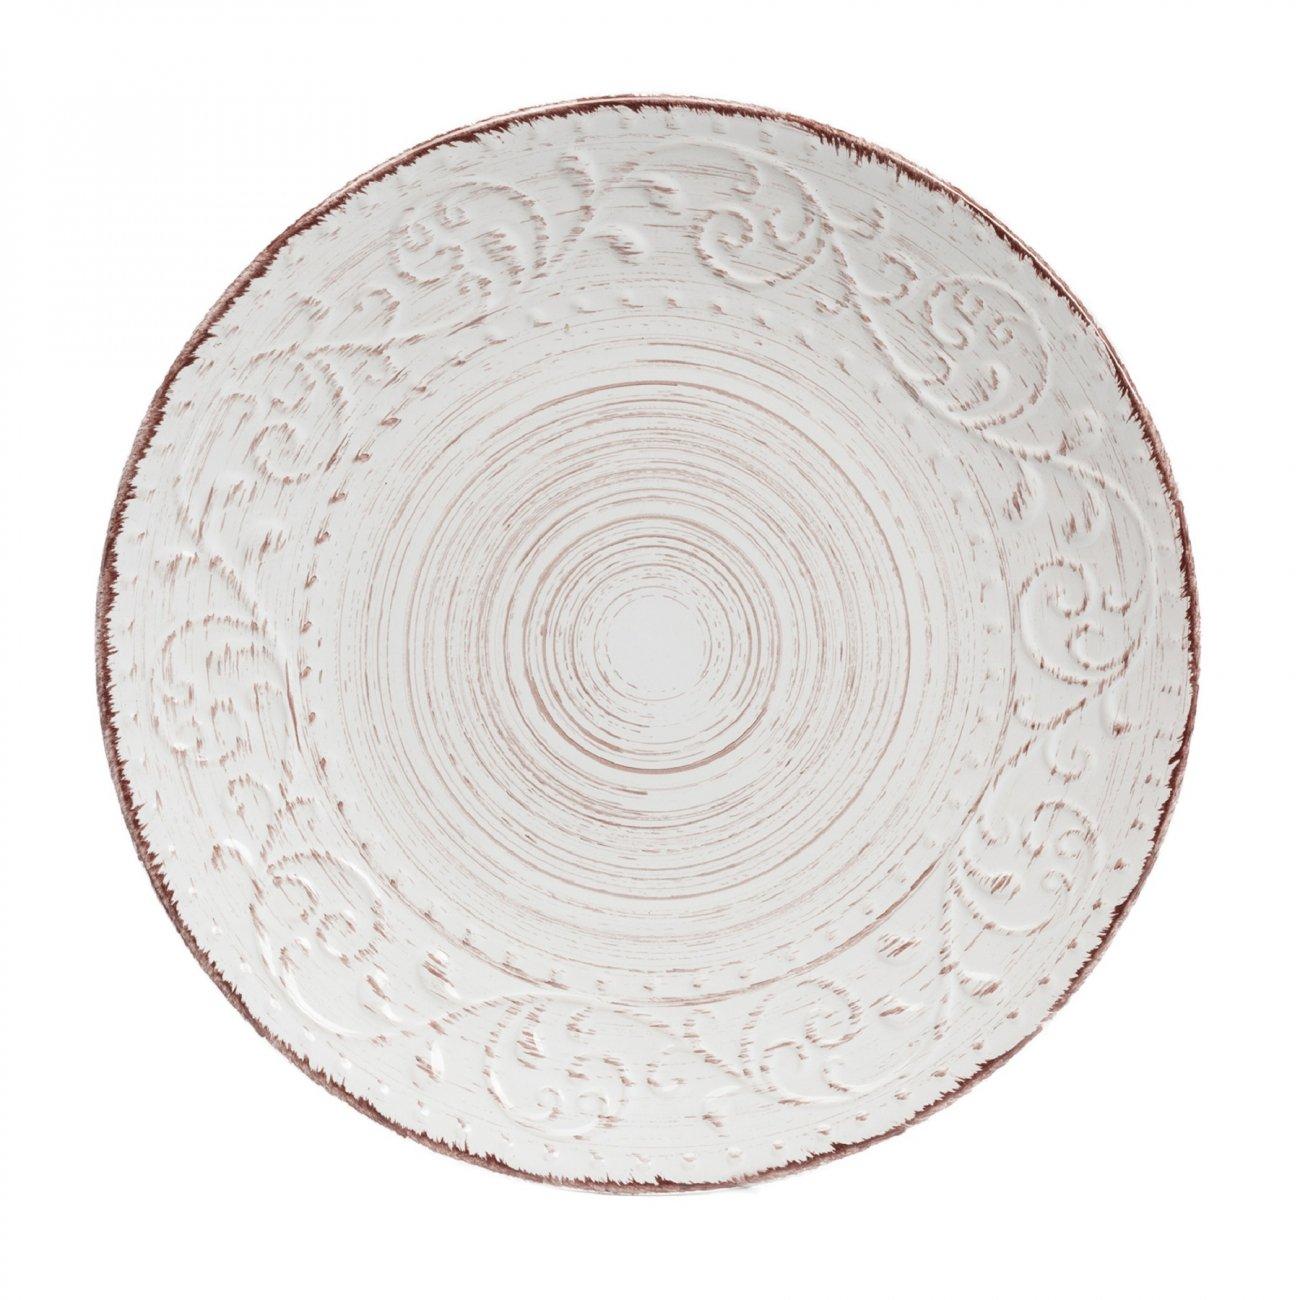 Купить Салатник порционный La Cebra Кремовая в интернет магазине дизайнерской мебели и аксессуаров для дома и дачи